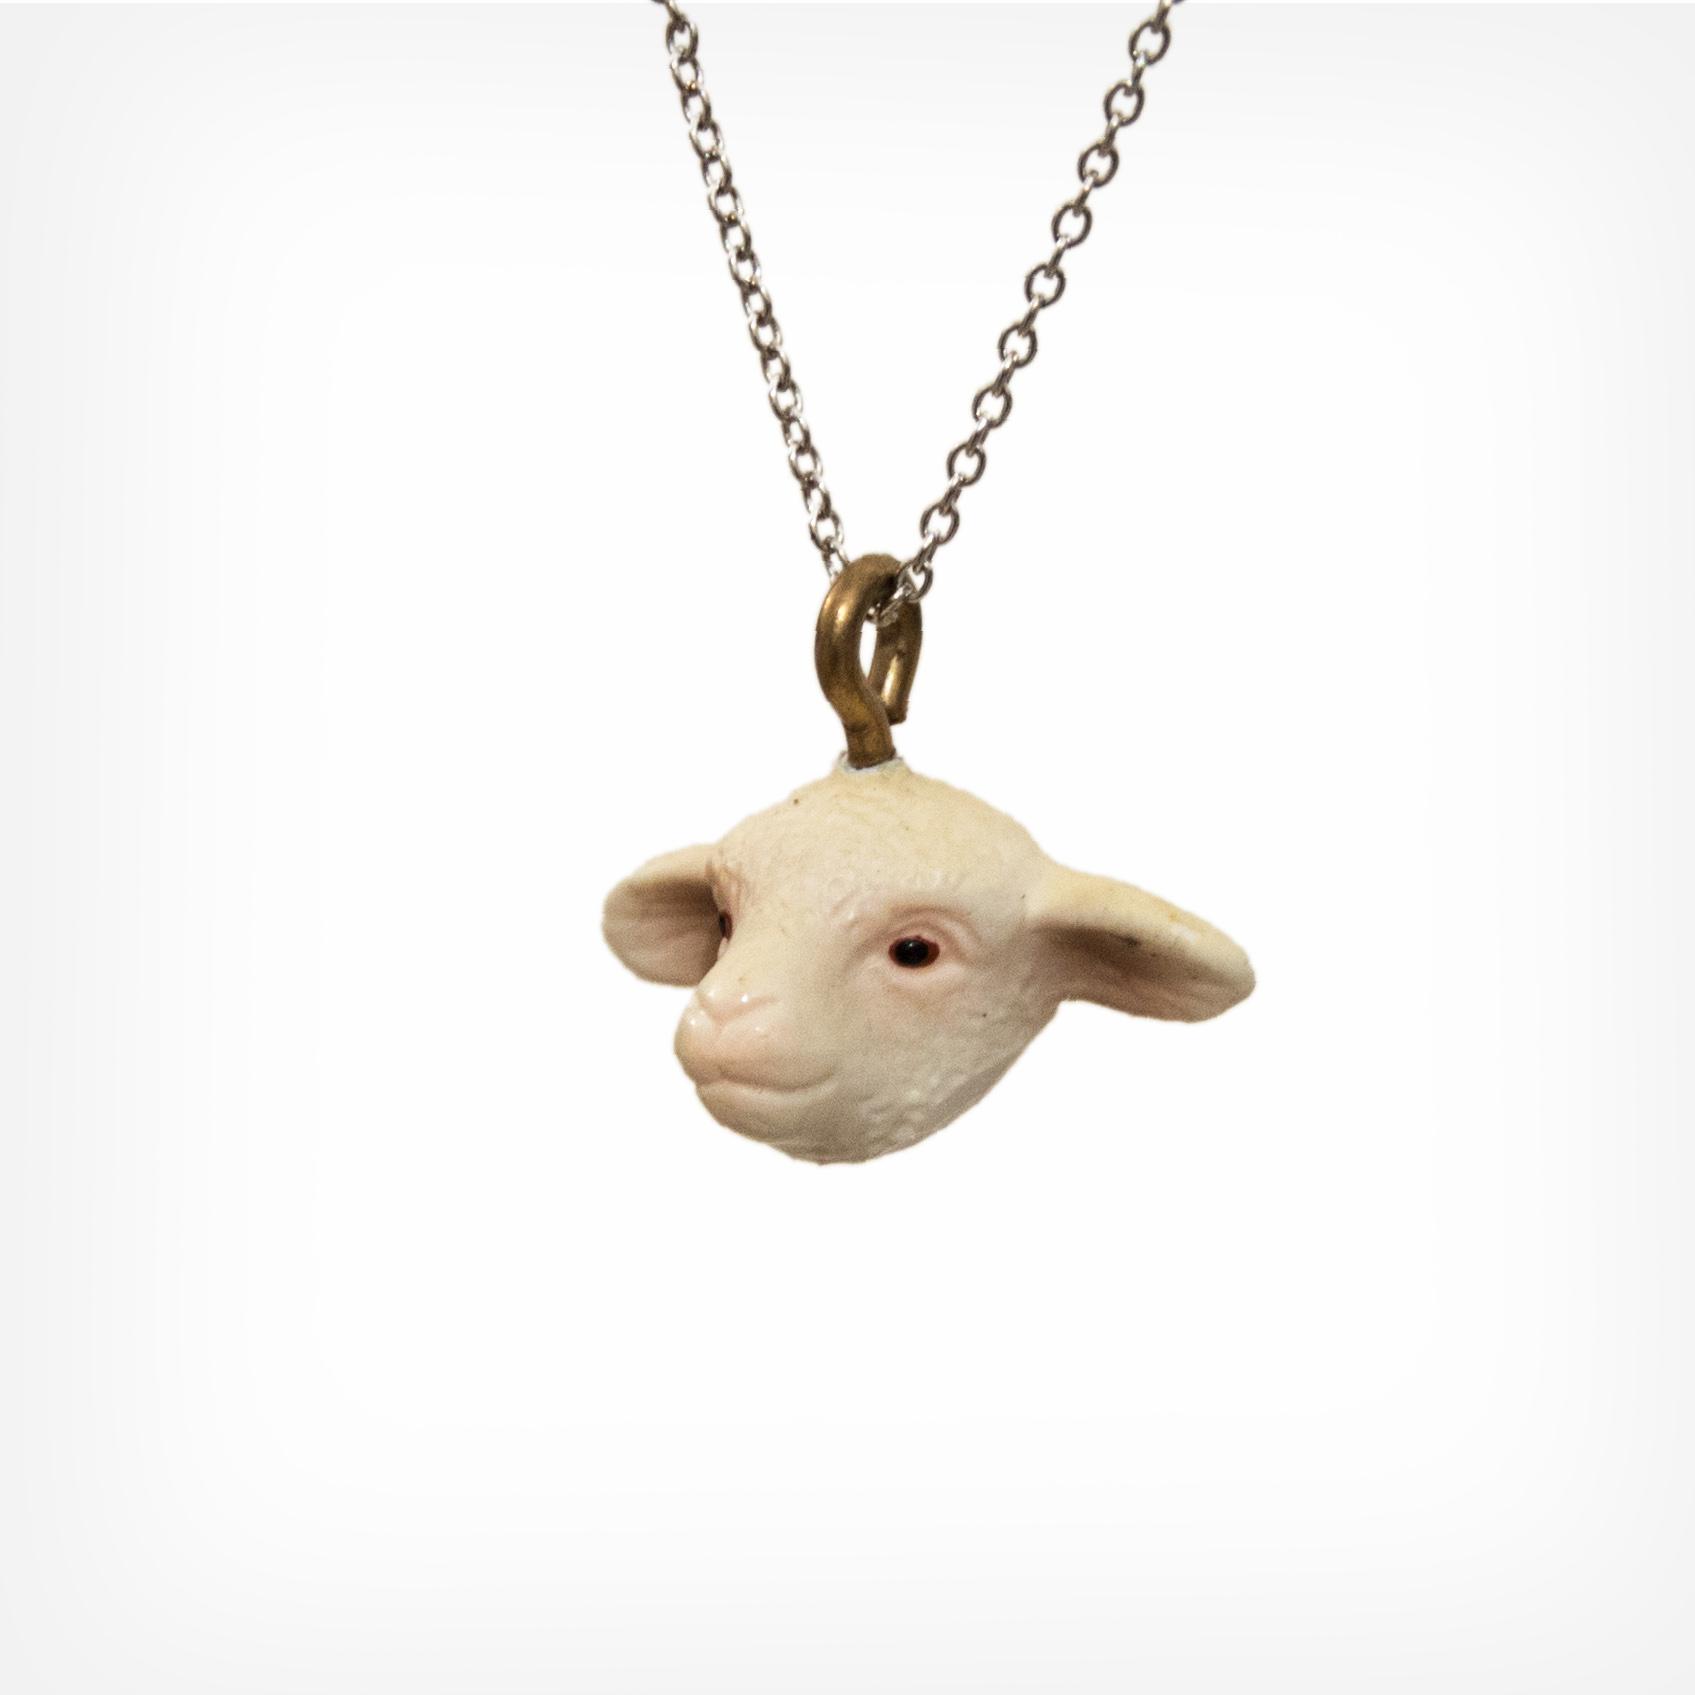 Lamm | lamb